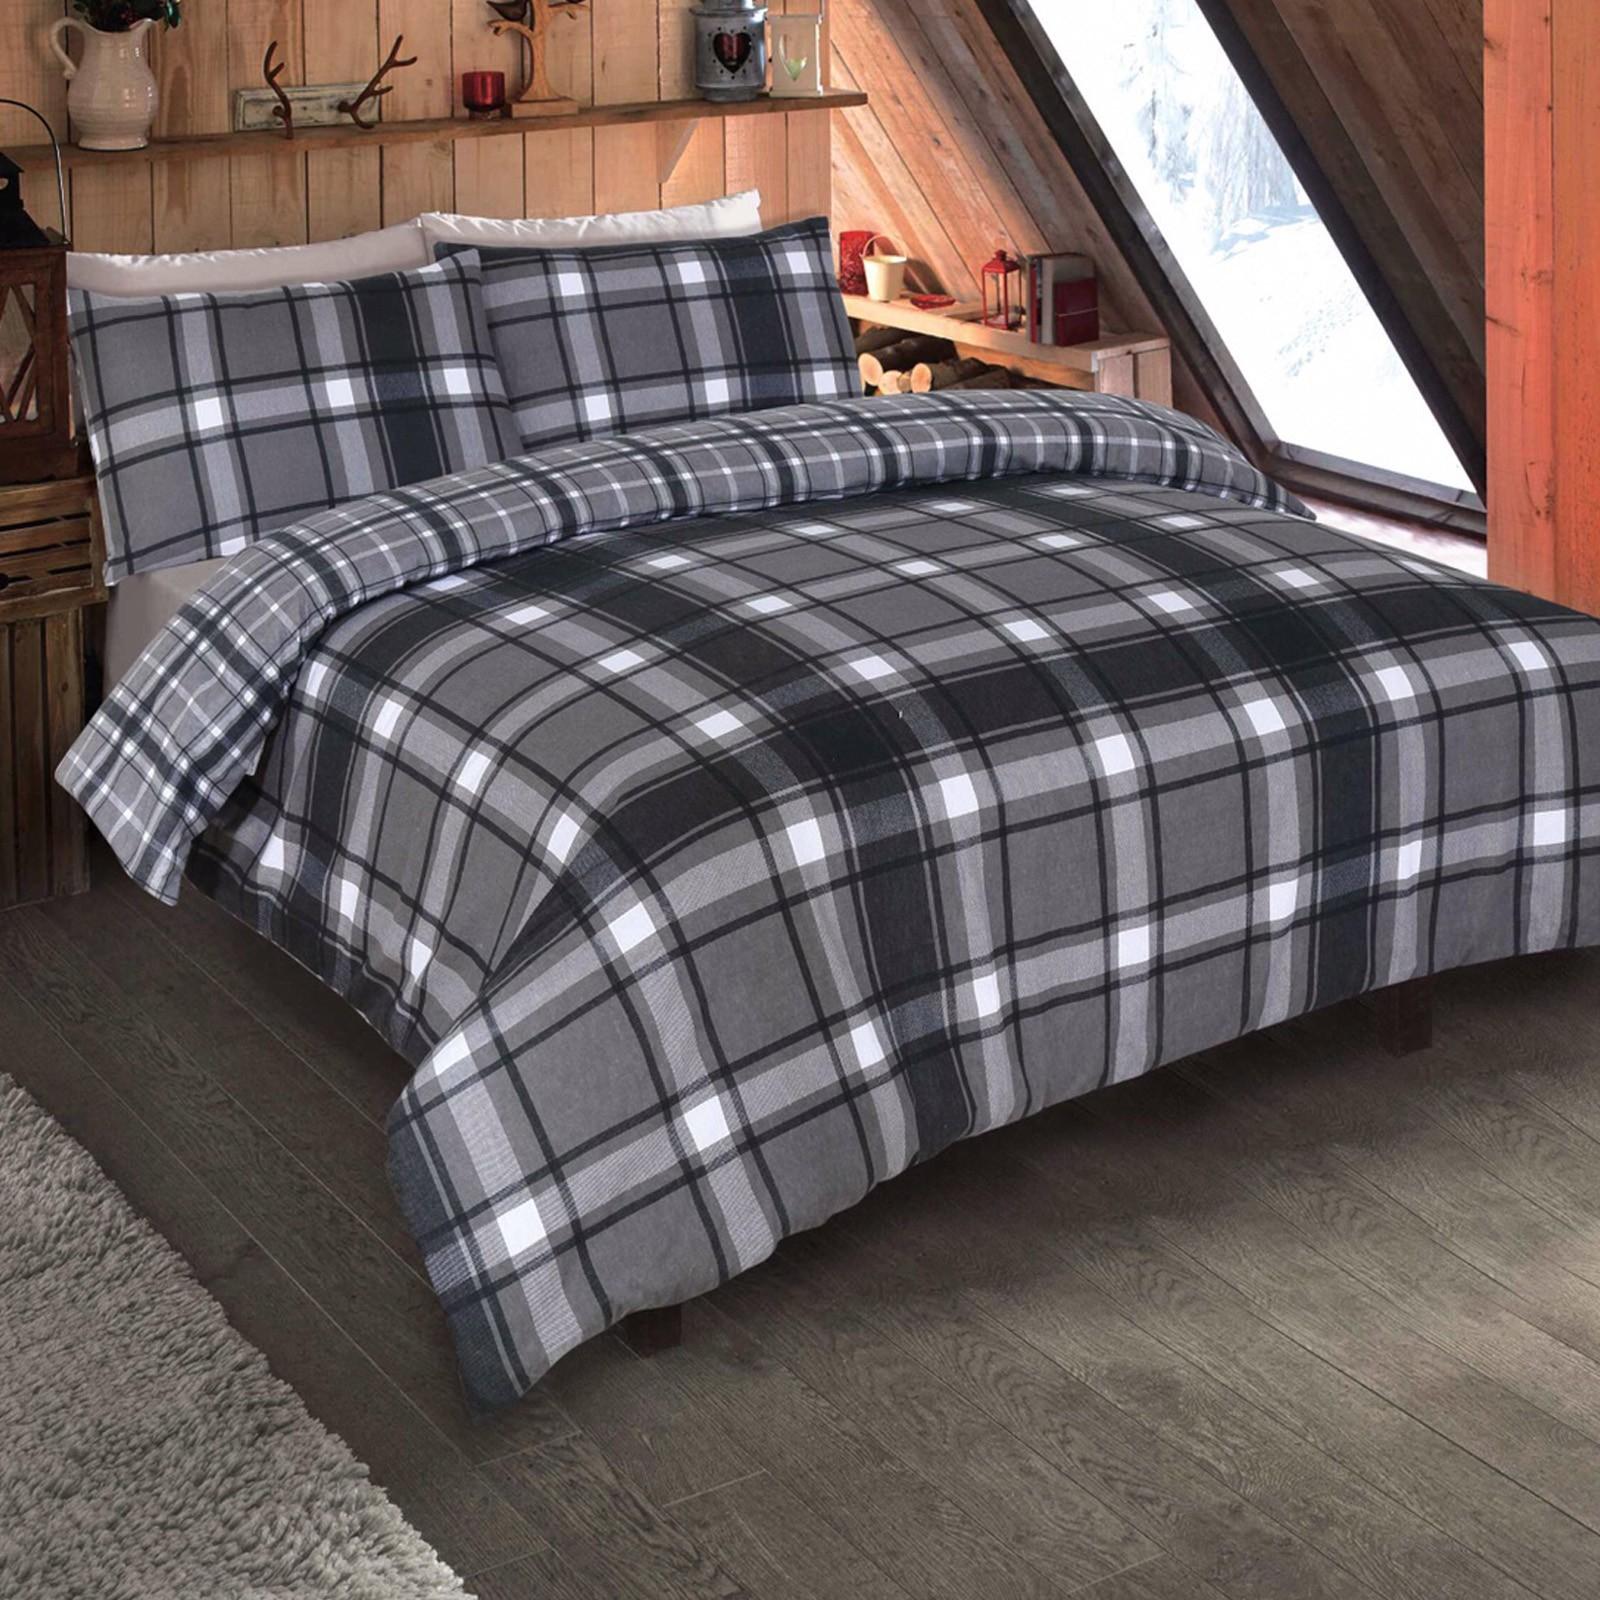 Dreamscene Aspen 100% Brushed Cotton Duvet Cover Set - Single £11.98 / £14.98 Double / £17.98 King Size delivered @ Online Home Shop